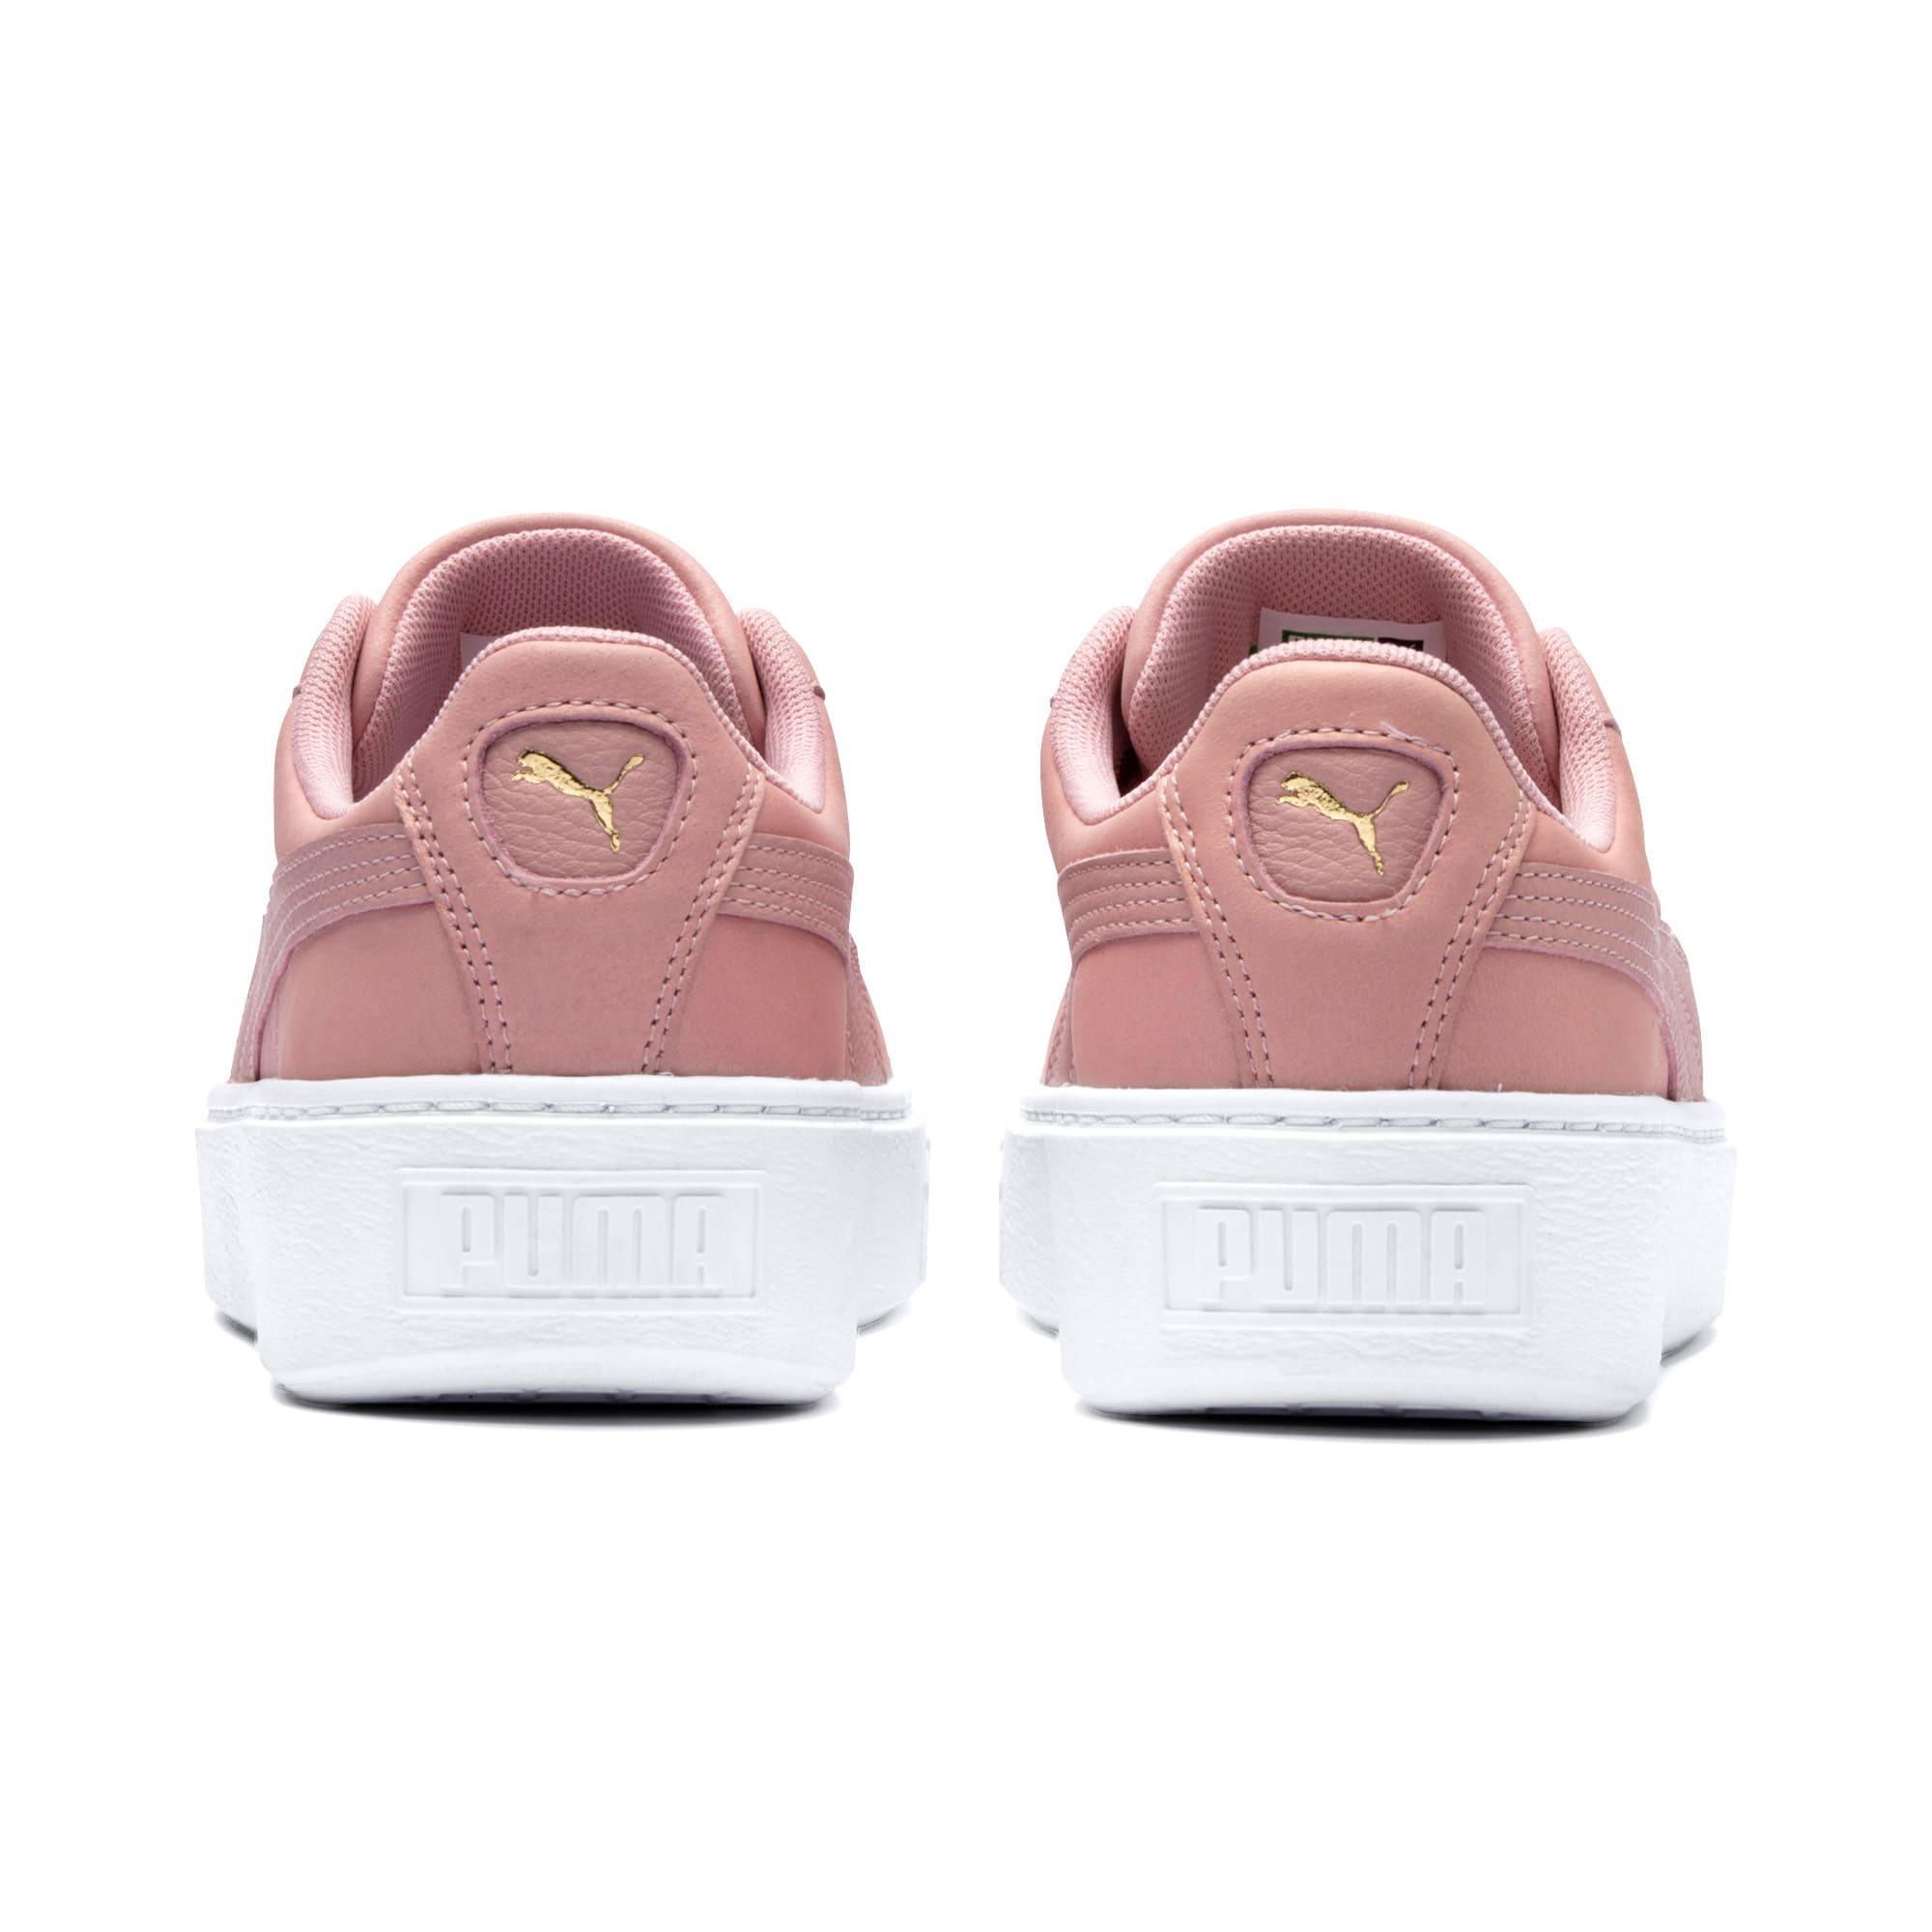 Miniatura 4 de Zapatos deportivos Suede con brillo y plataforma para mujer, Bridal Rose-Puma White, mediano